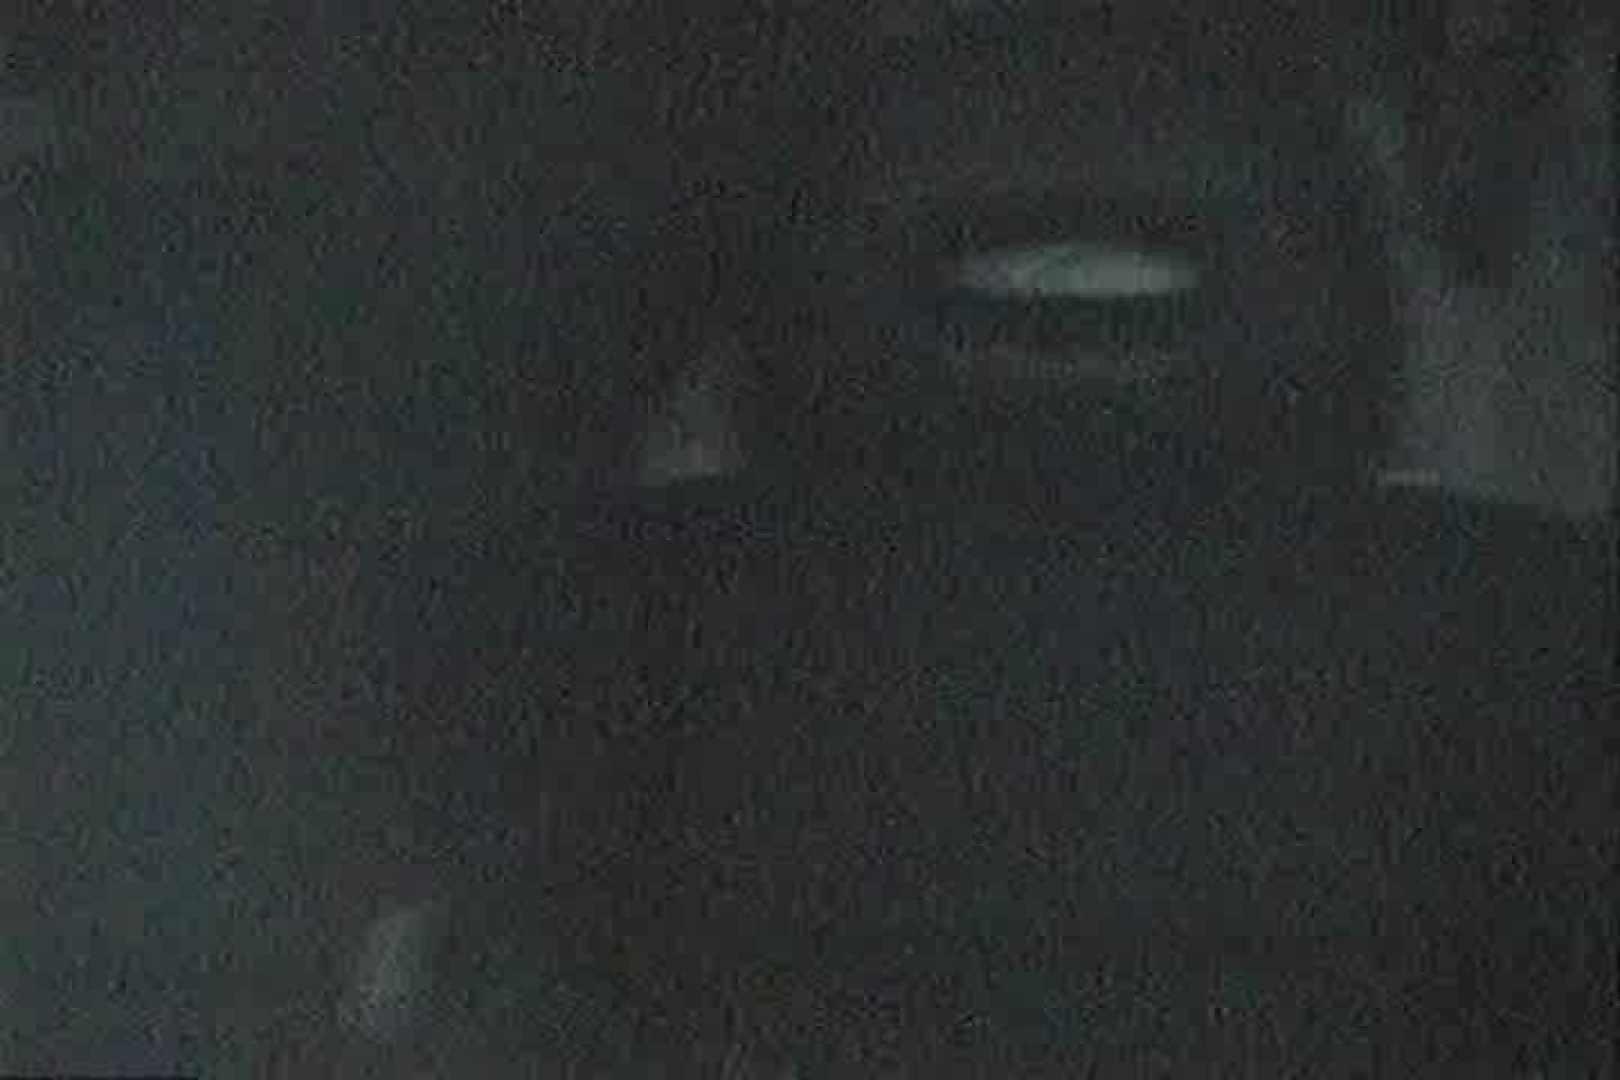 「充血監督」さんの深夜の運動会!! vol.123 OL | カップルのセックス  45連発 25